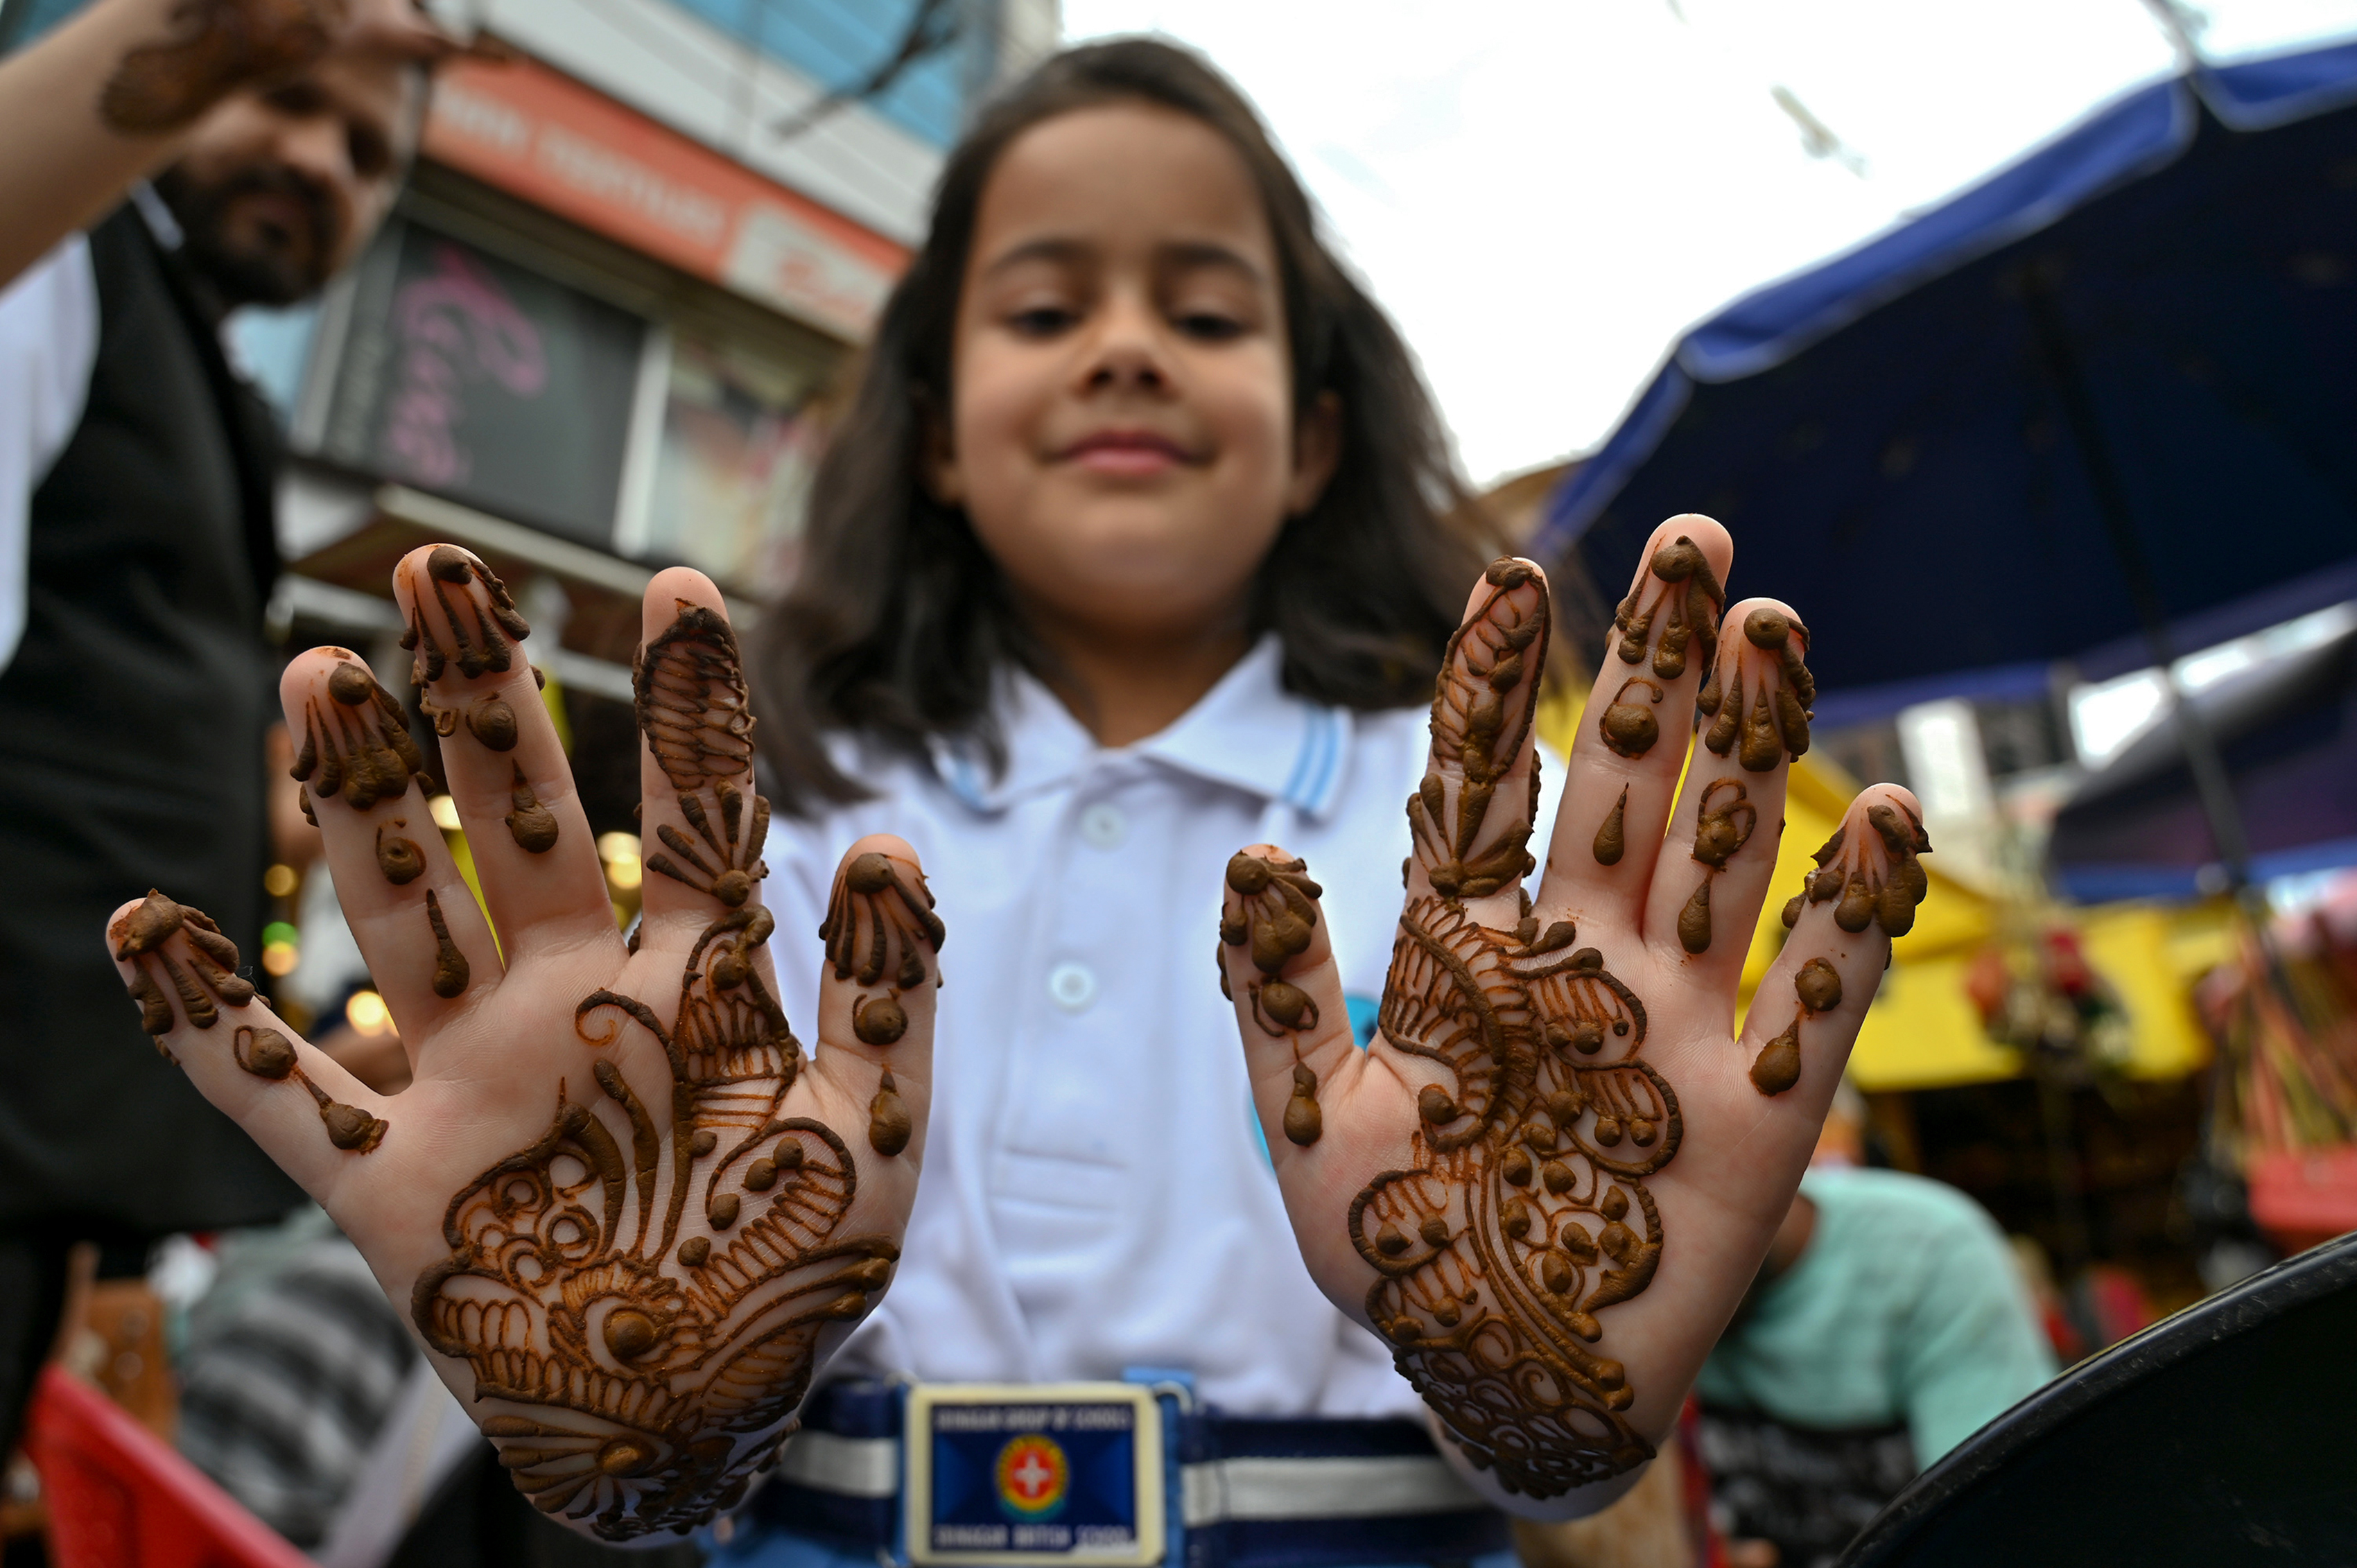 طفلة تزين يديها بالحناء تحضيرا لعيد الفطر في مدينة سريناجار الهندية